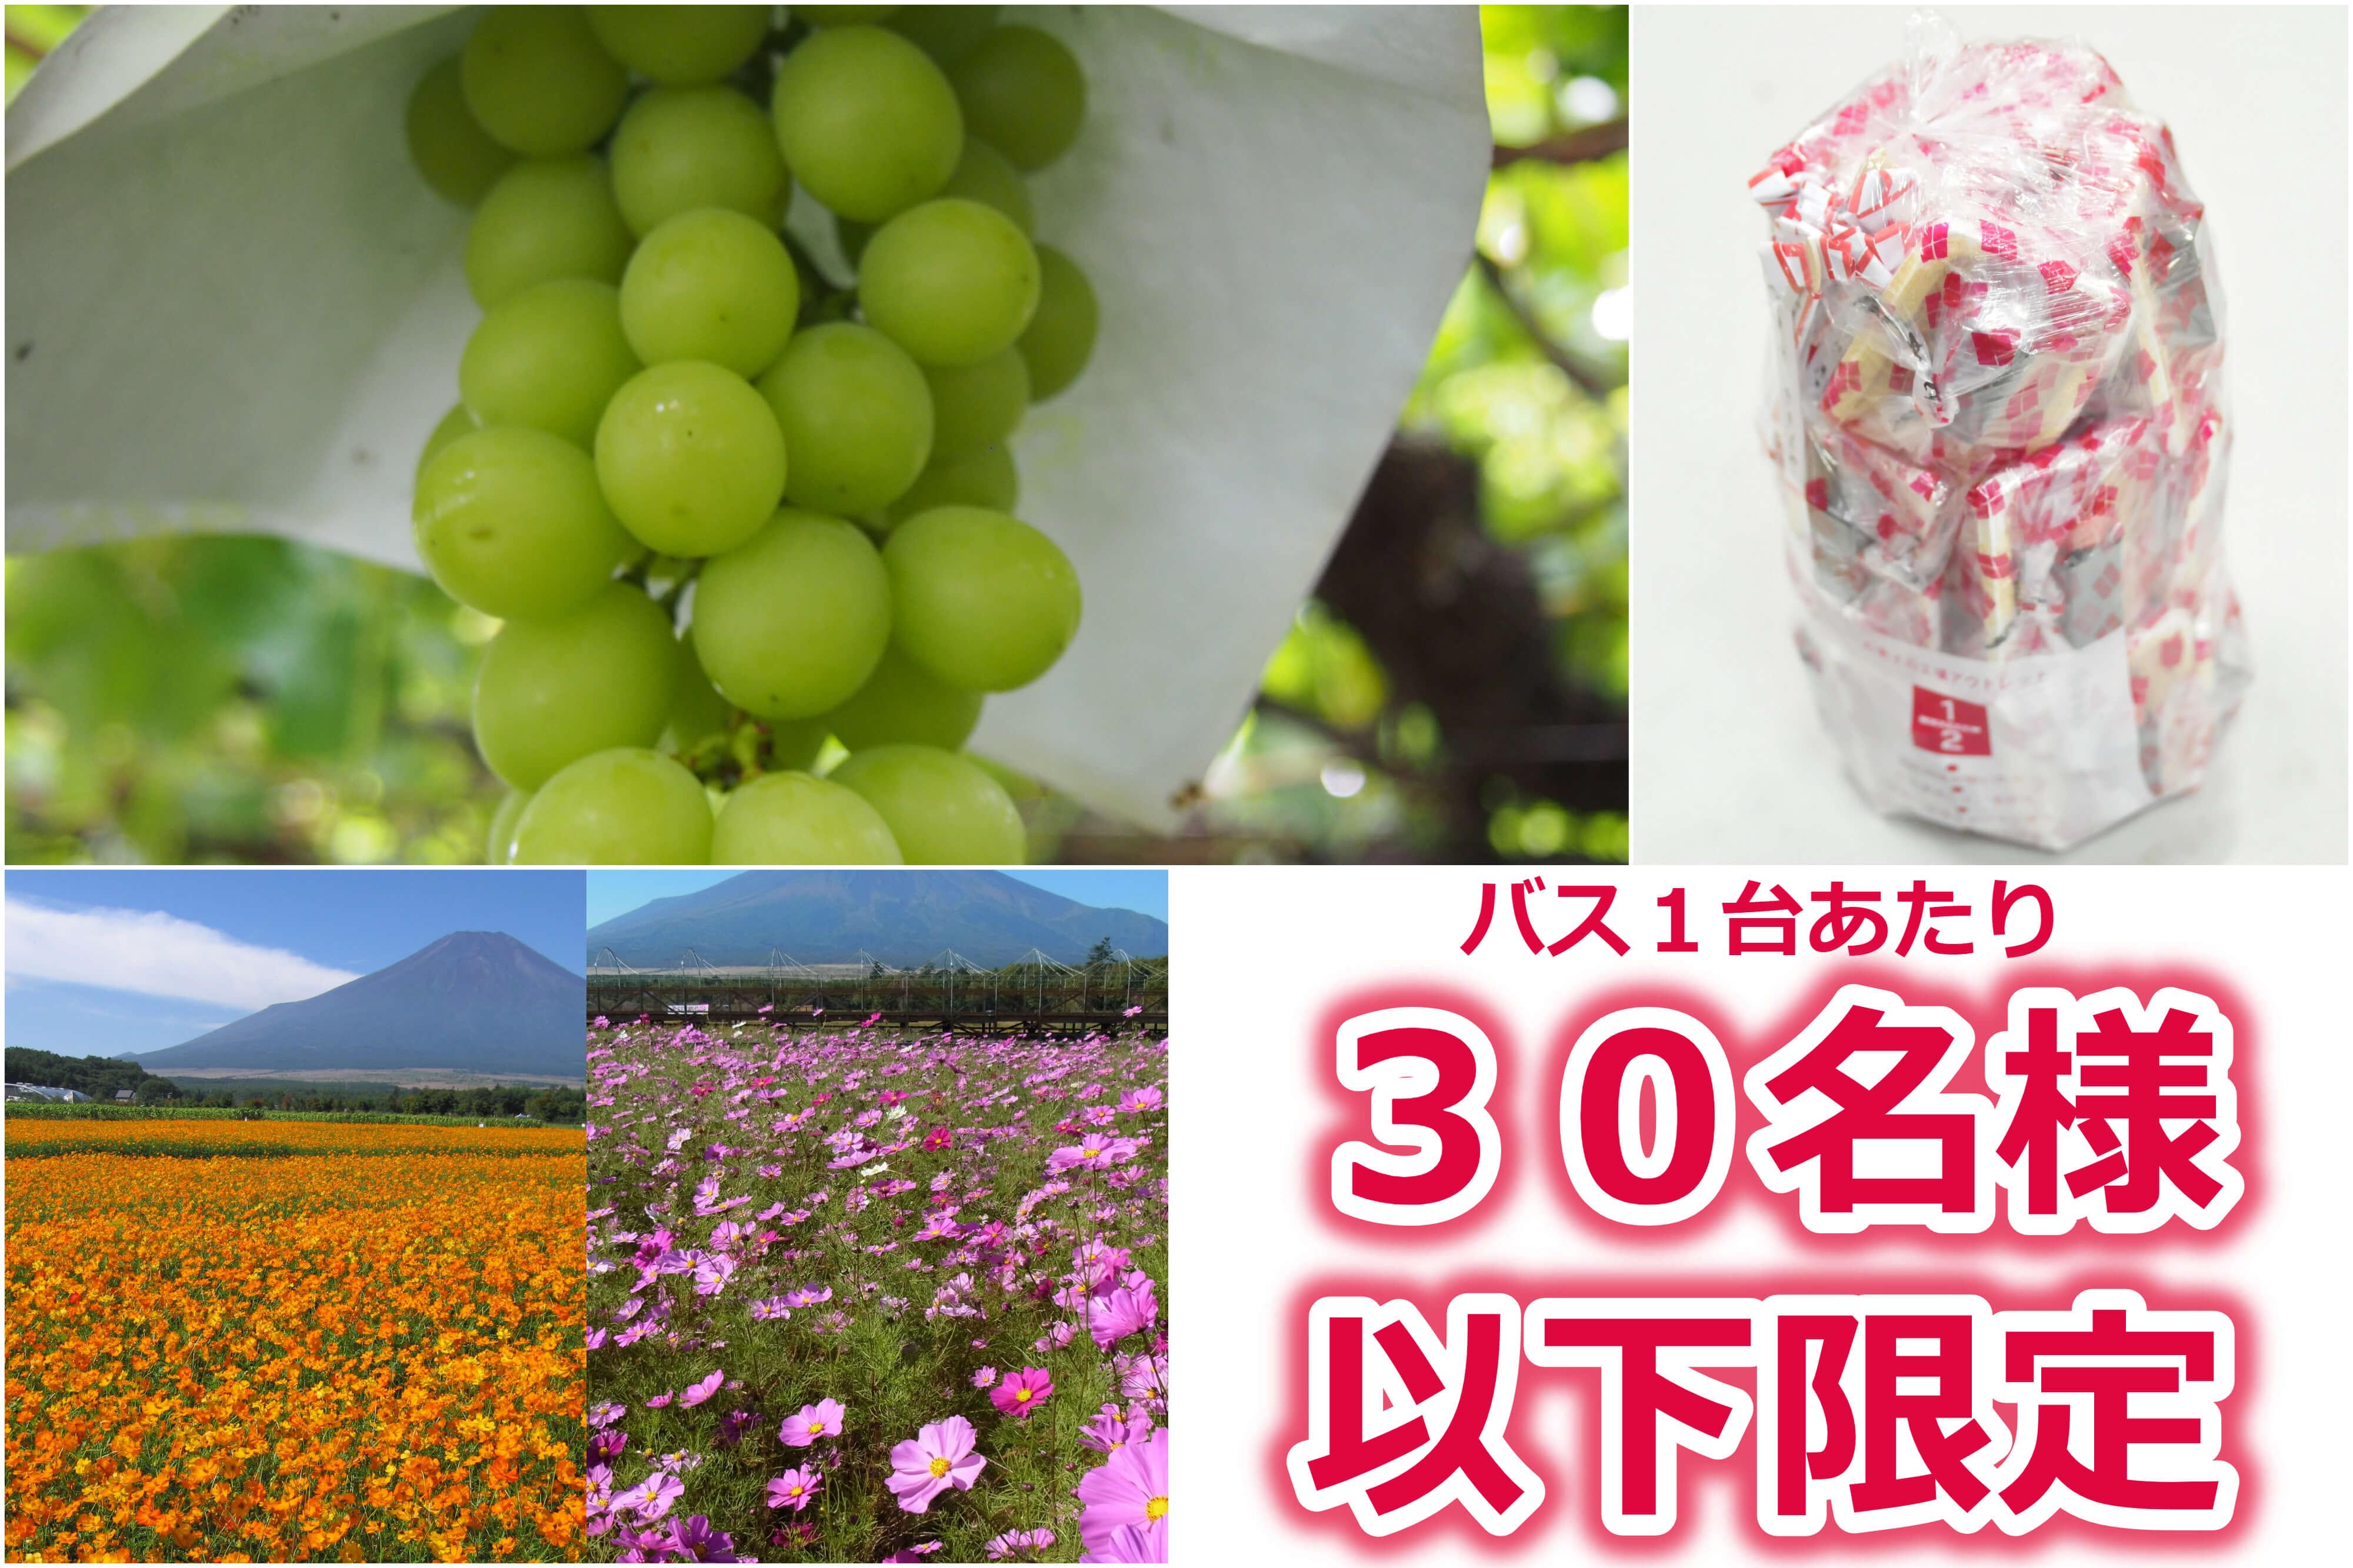 富士山麓で初秋の花咲く花畑散策♪シャインマスカット狩りと人気の桔梗信玄餅詰め放題!